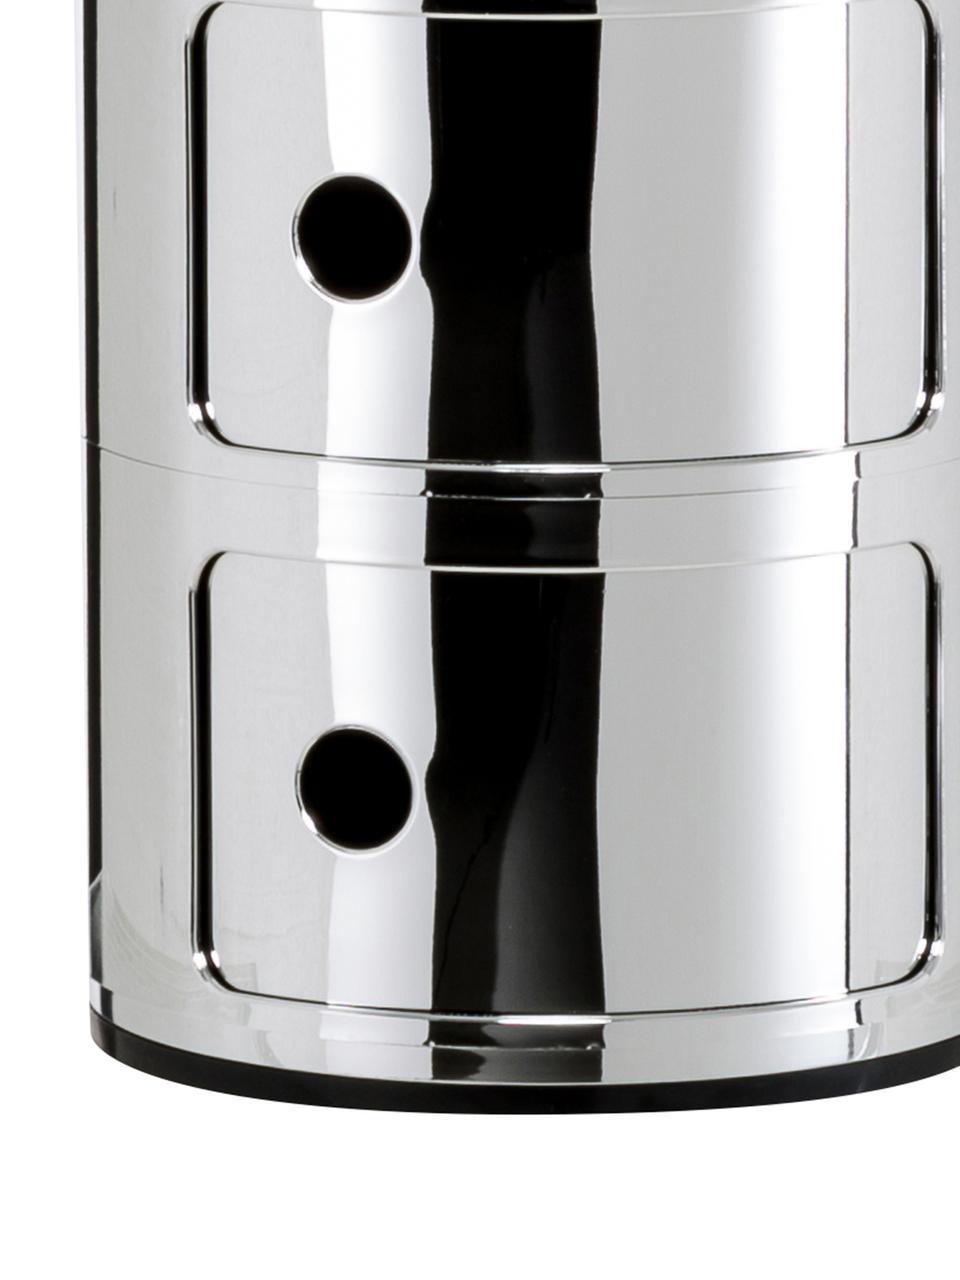 Design Container Componibili 3 Fächer, Kunststoff, metallicbeschichtet, Chrom, Ø 32 x H 59 cm